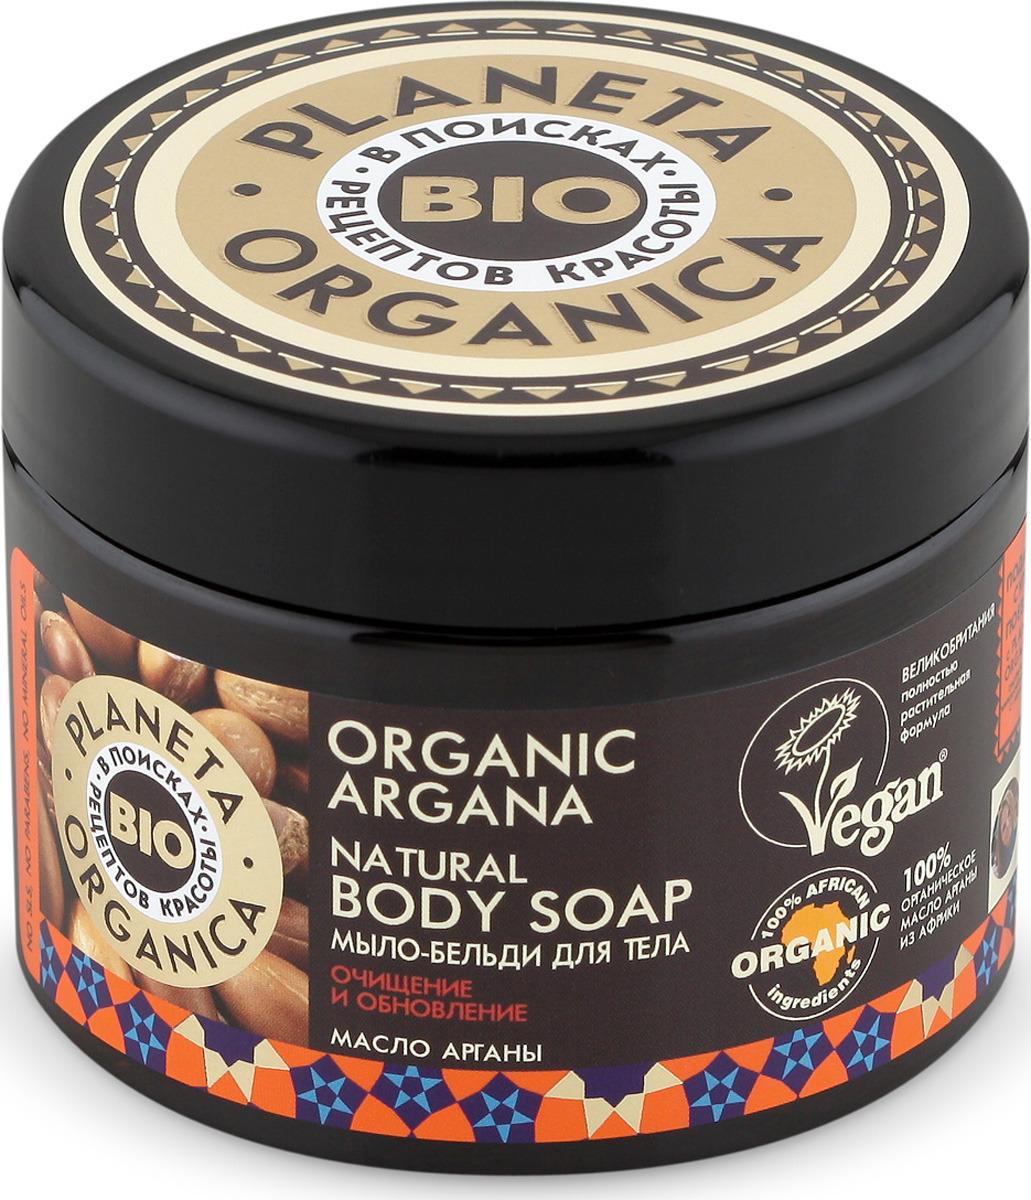 """Мыло-бельди для тела Planeta Organica Organic Argana """"Очищение и обновление"""", 300 мл"""